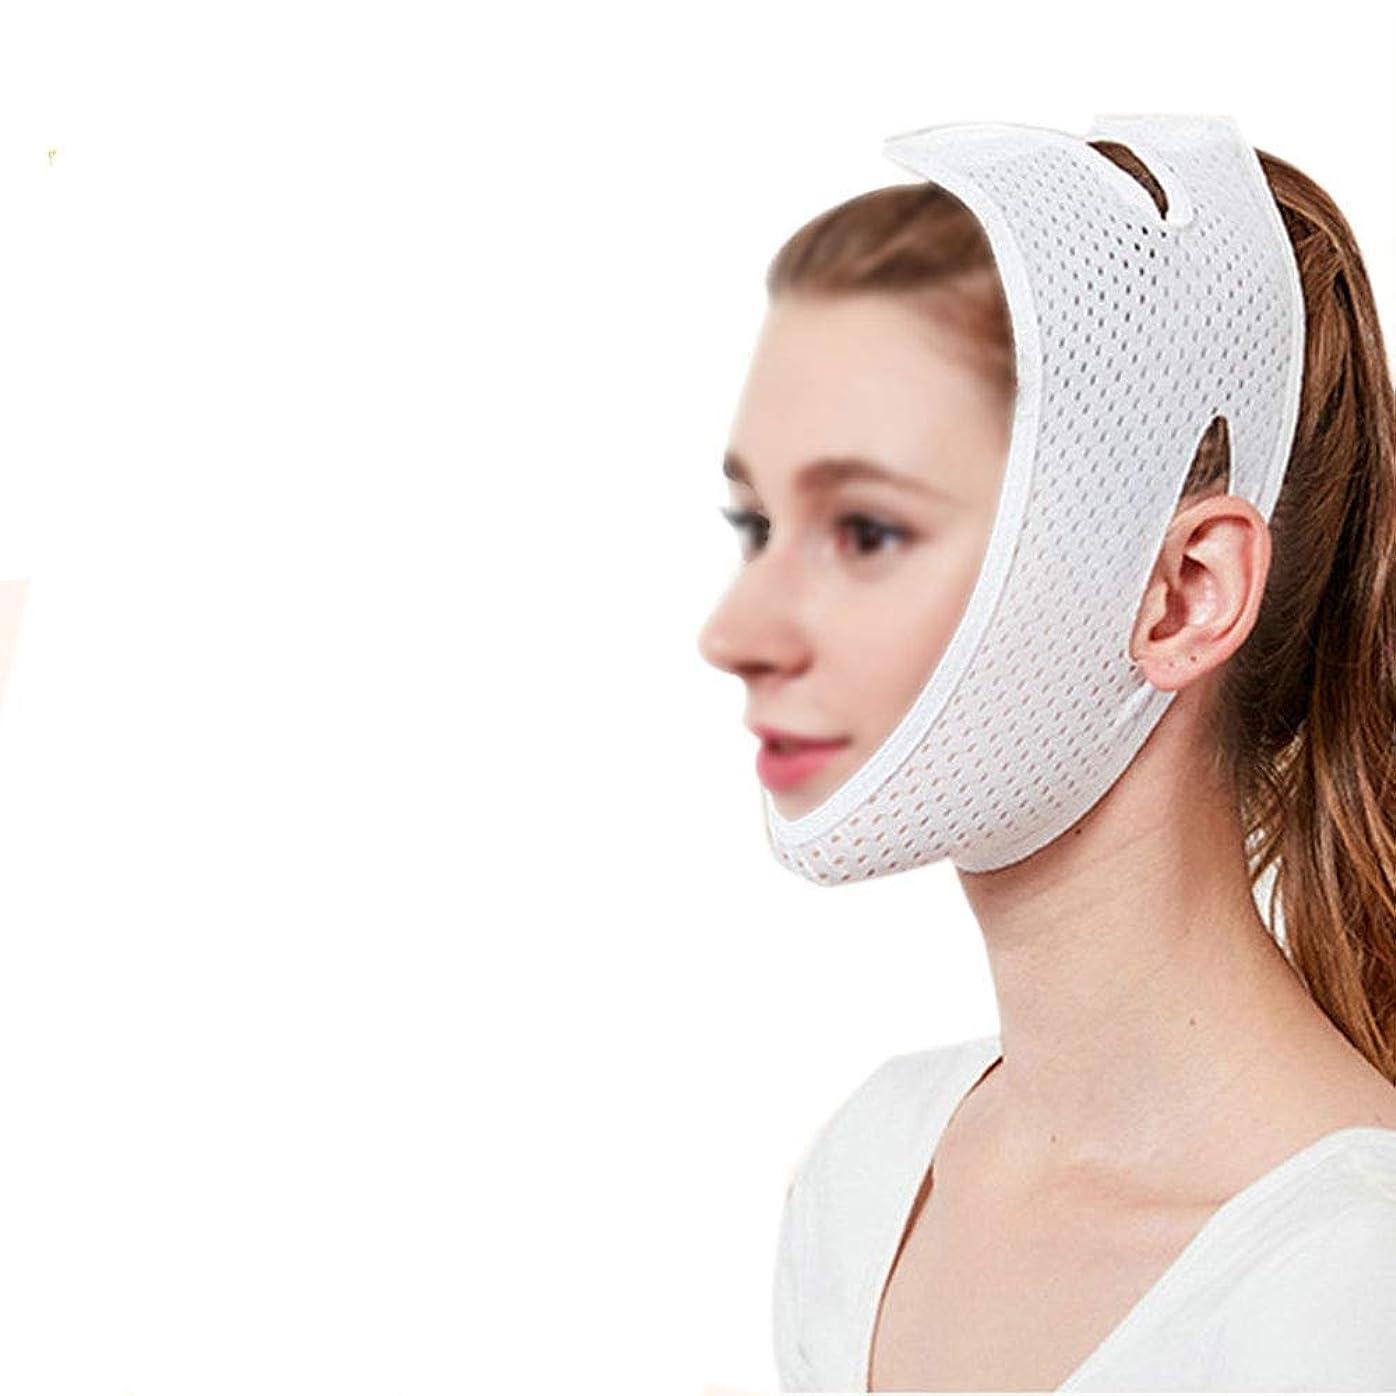 エントリヘアヘア薄型フェイスベルト、V字絆創膏ダブルマスクあご取り法用マスクリフティングファーミングスリーピングマスク(カラー:ホワイト),白